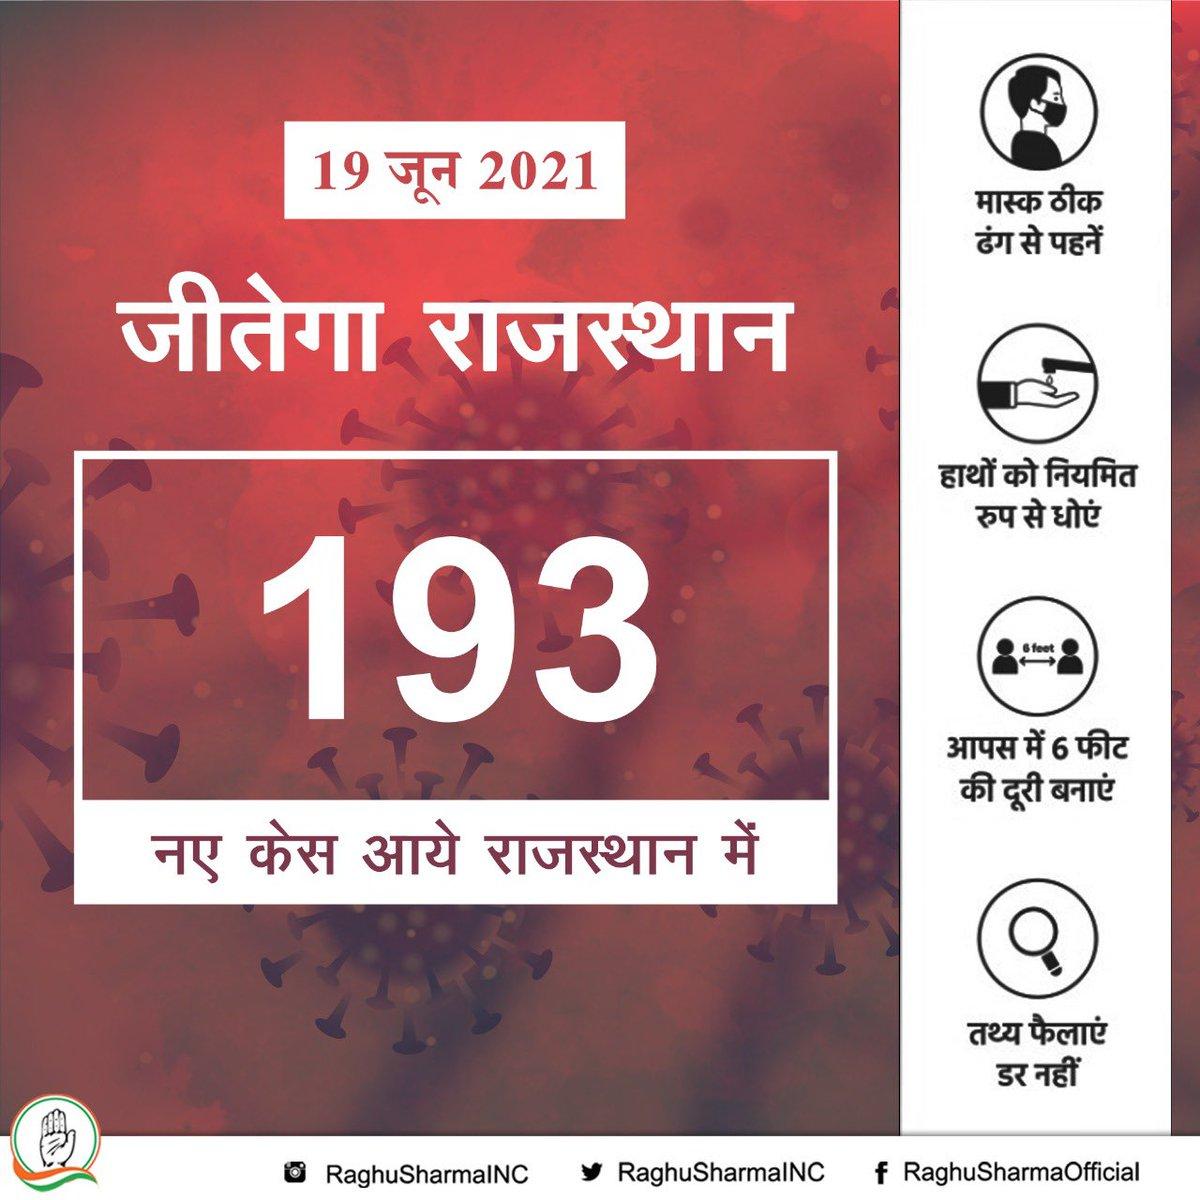 जीतेगा राजस्थान: आज 518 मरीज़ कोरोना से ठीक हुए वहीं सिर्फ 193 नए मरीज़ ही सामने आए। कोरोना की दूसरी लहर दम तोड़ती दिखाई दे रही है। (1/2) https://t.co/m0VzG3AeGQ